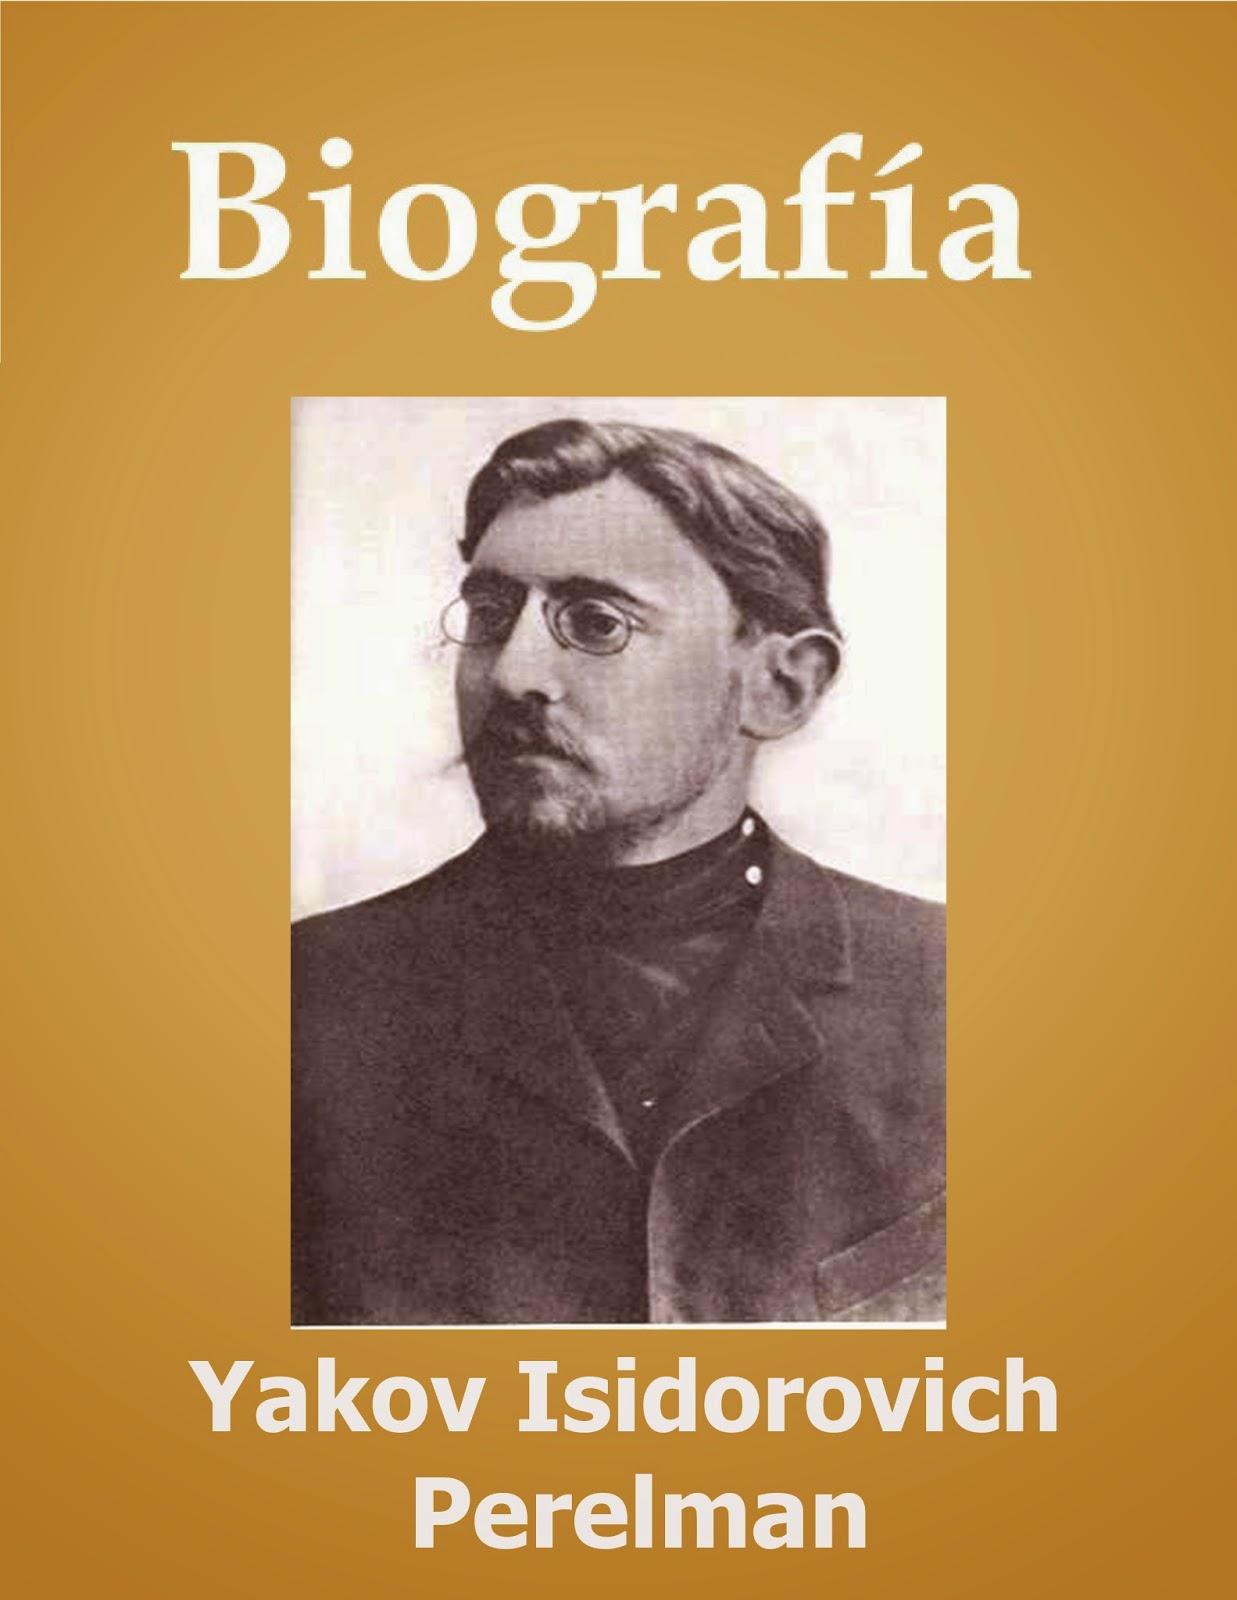 Biografía de Yakov Isidorovich Perelman